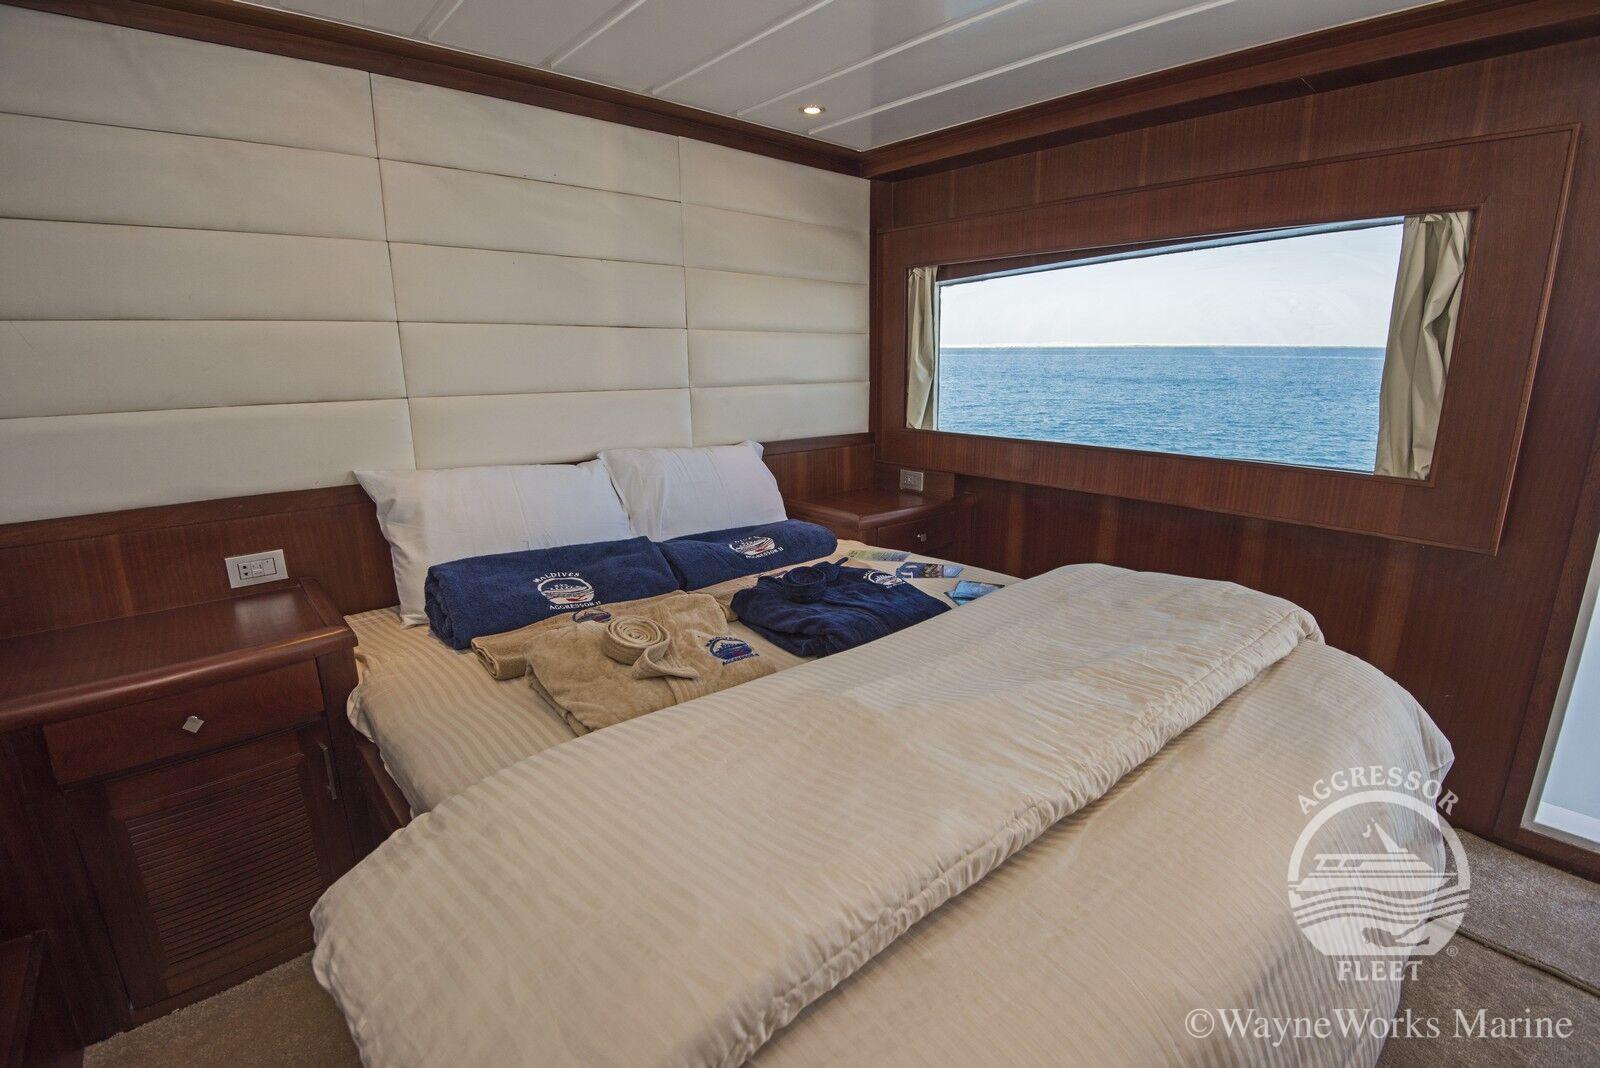 Maldives-Aggressor-suite